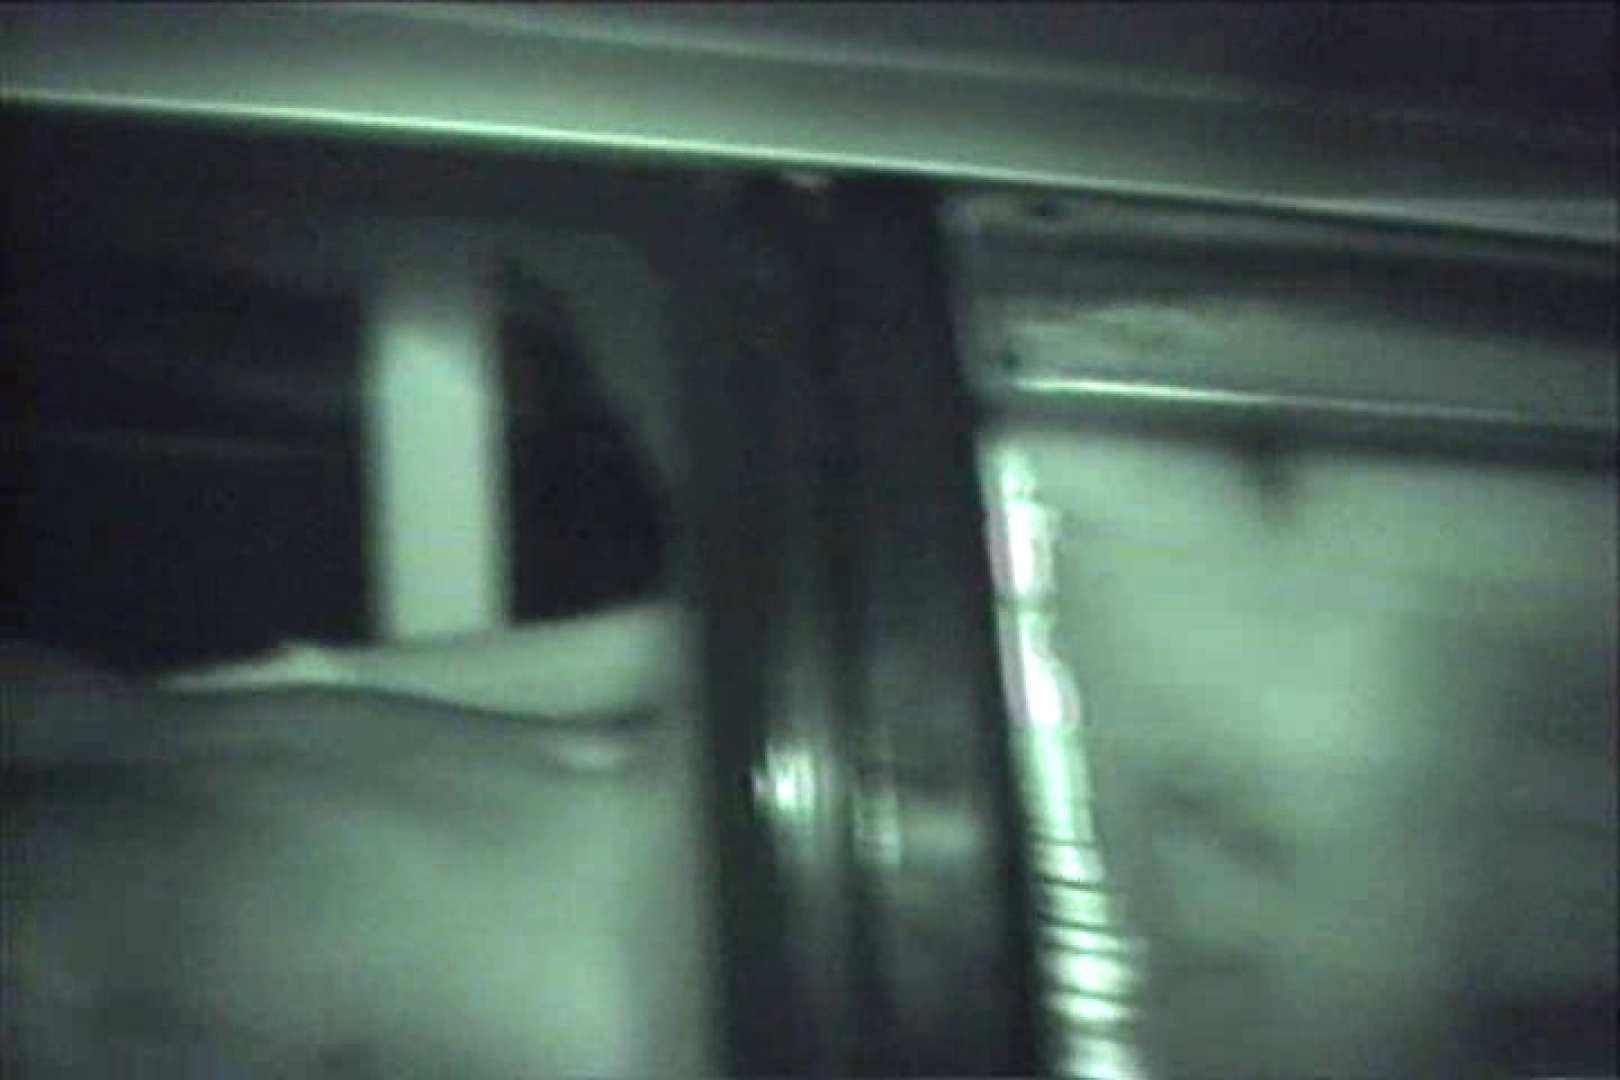 車の中はラブホテル 無修正版  Vol.17 マンコ  76枚 74